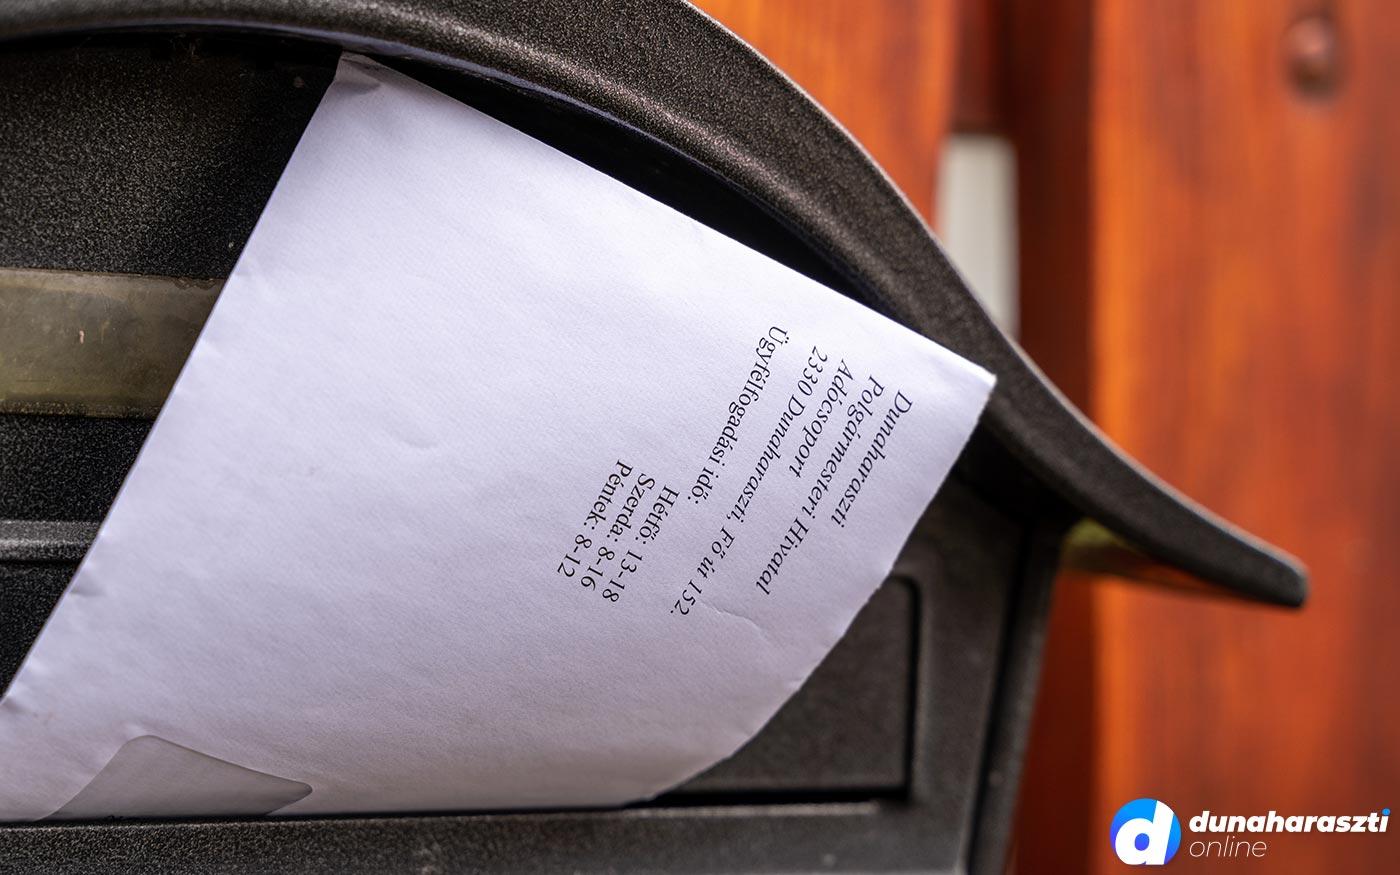 Most küldi a Dunaharaszti önkormányzat a helyi adókról szóló összesítőt